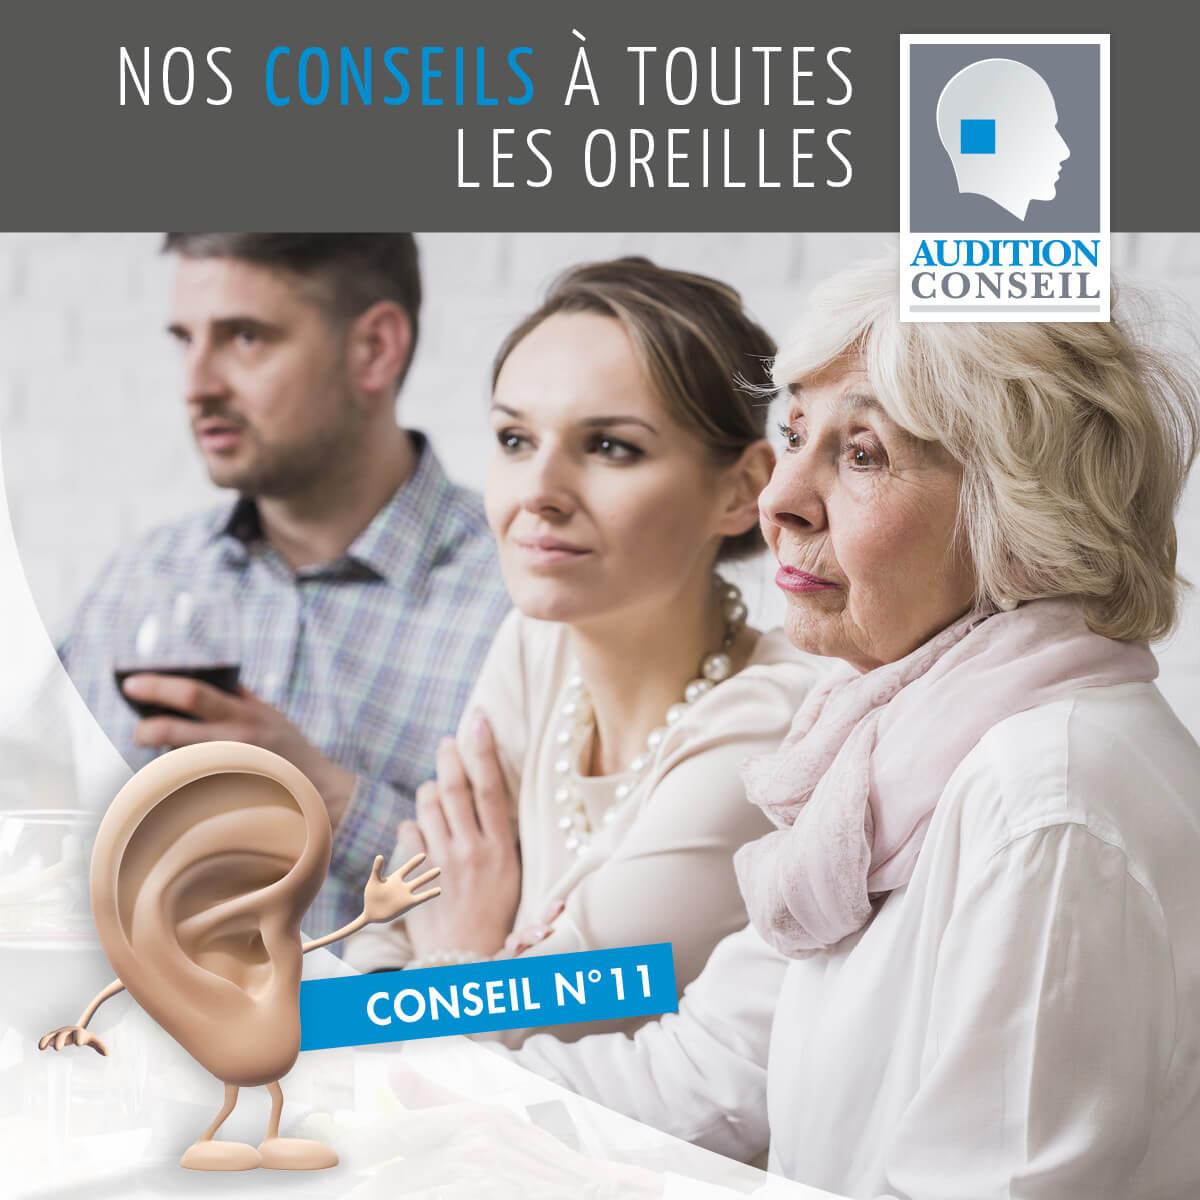 Conseils_a_toutes_les_oreilles_11